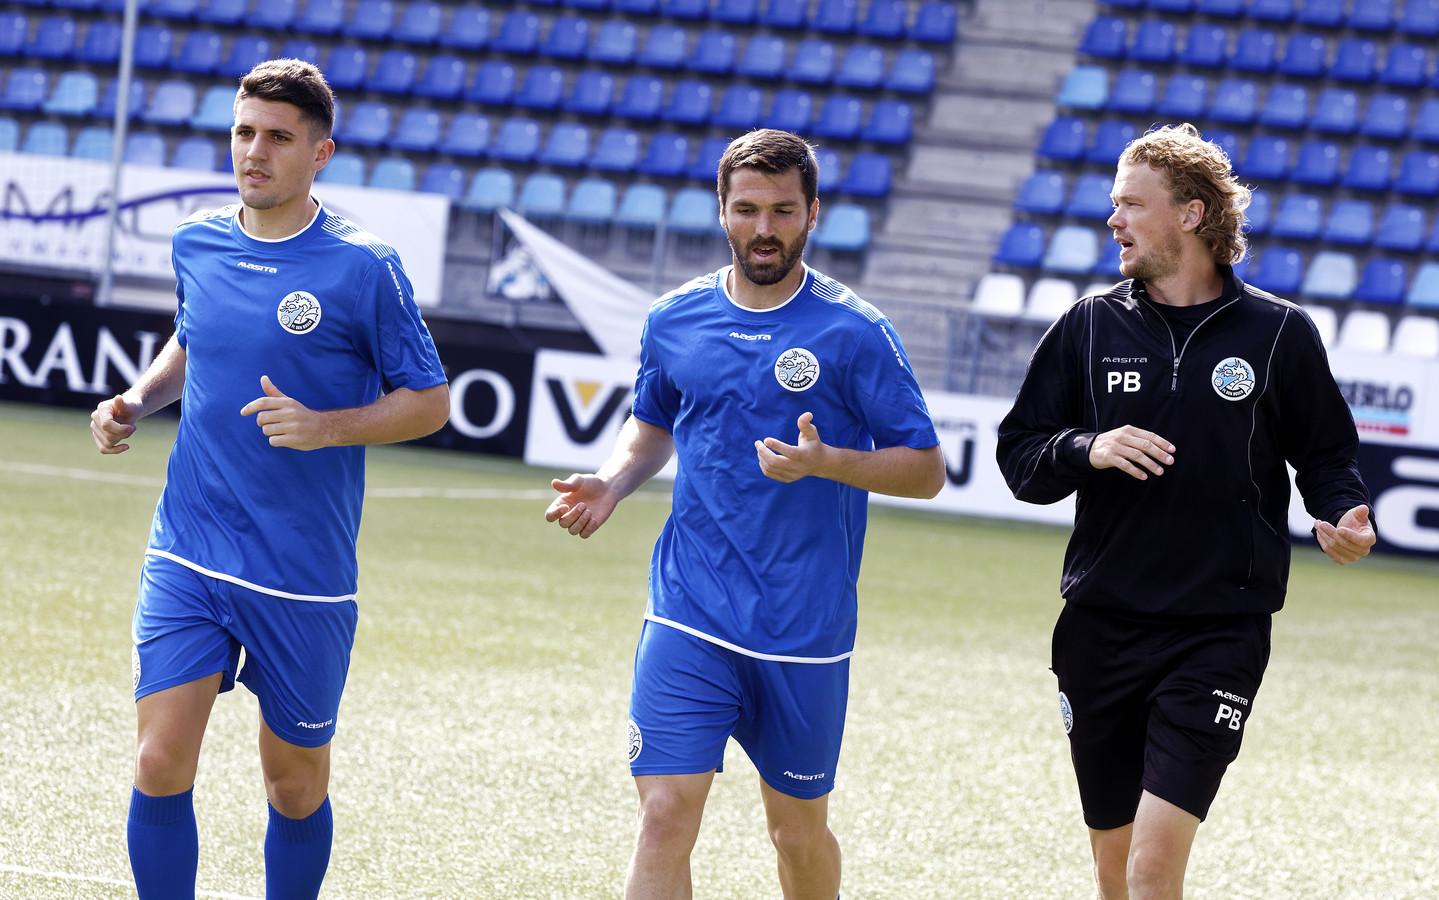 Julian Marchioni (links) en Nicolas Romat, met assistent-trainer Paul Beekmans (rechts), tijdens een looptraining in stadion De Vliert. Beide Argentijnen ontbreken vrijdagavond aan de aftrap.